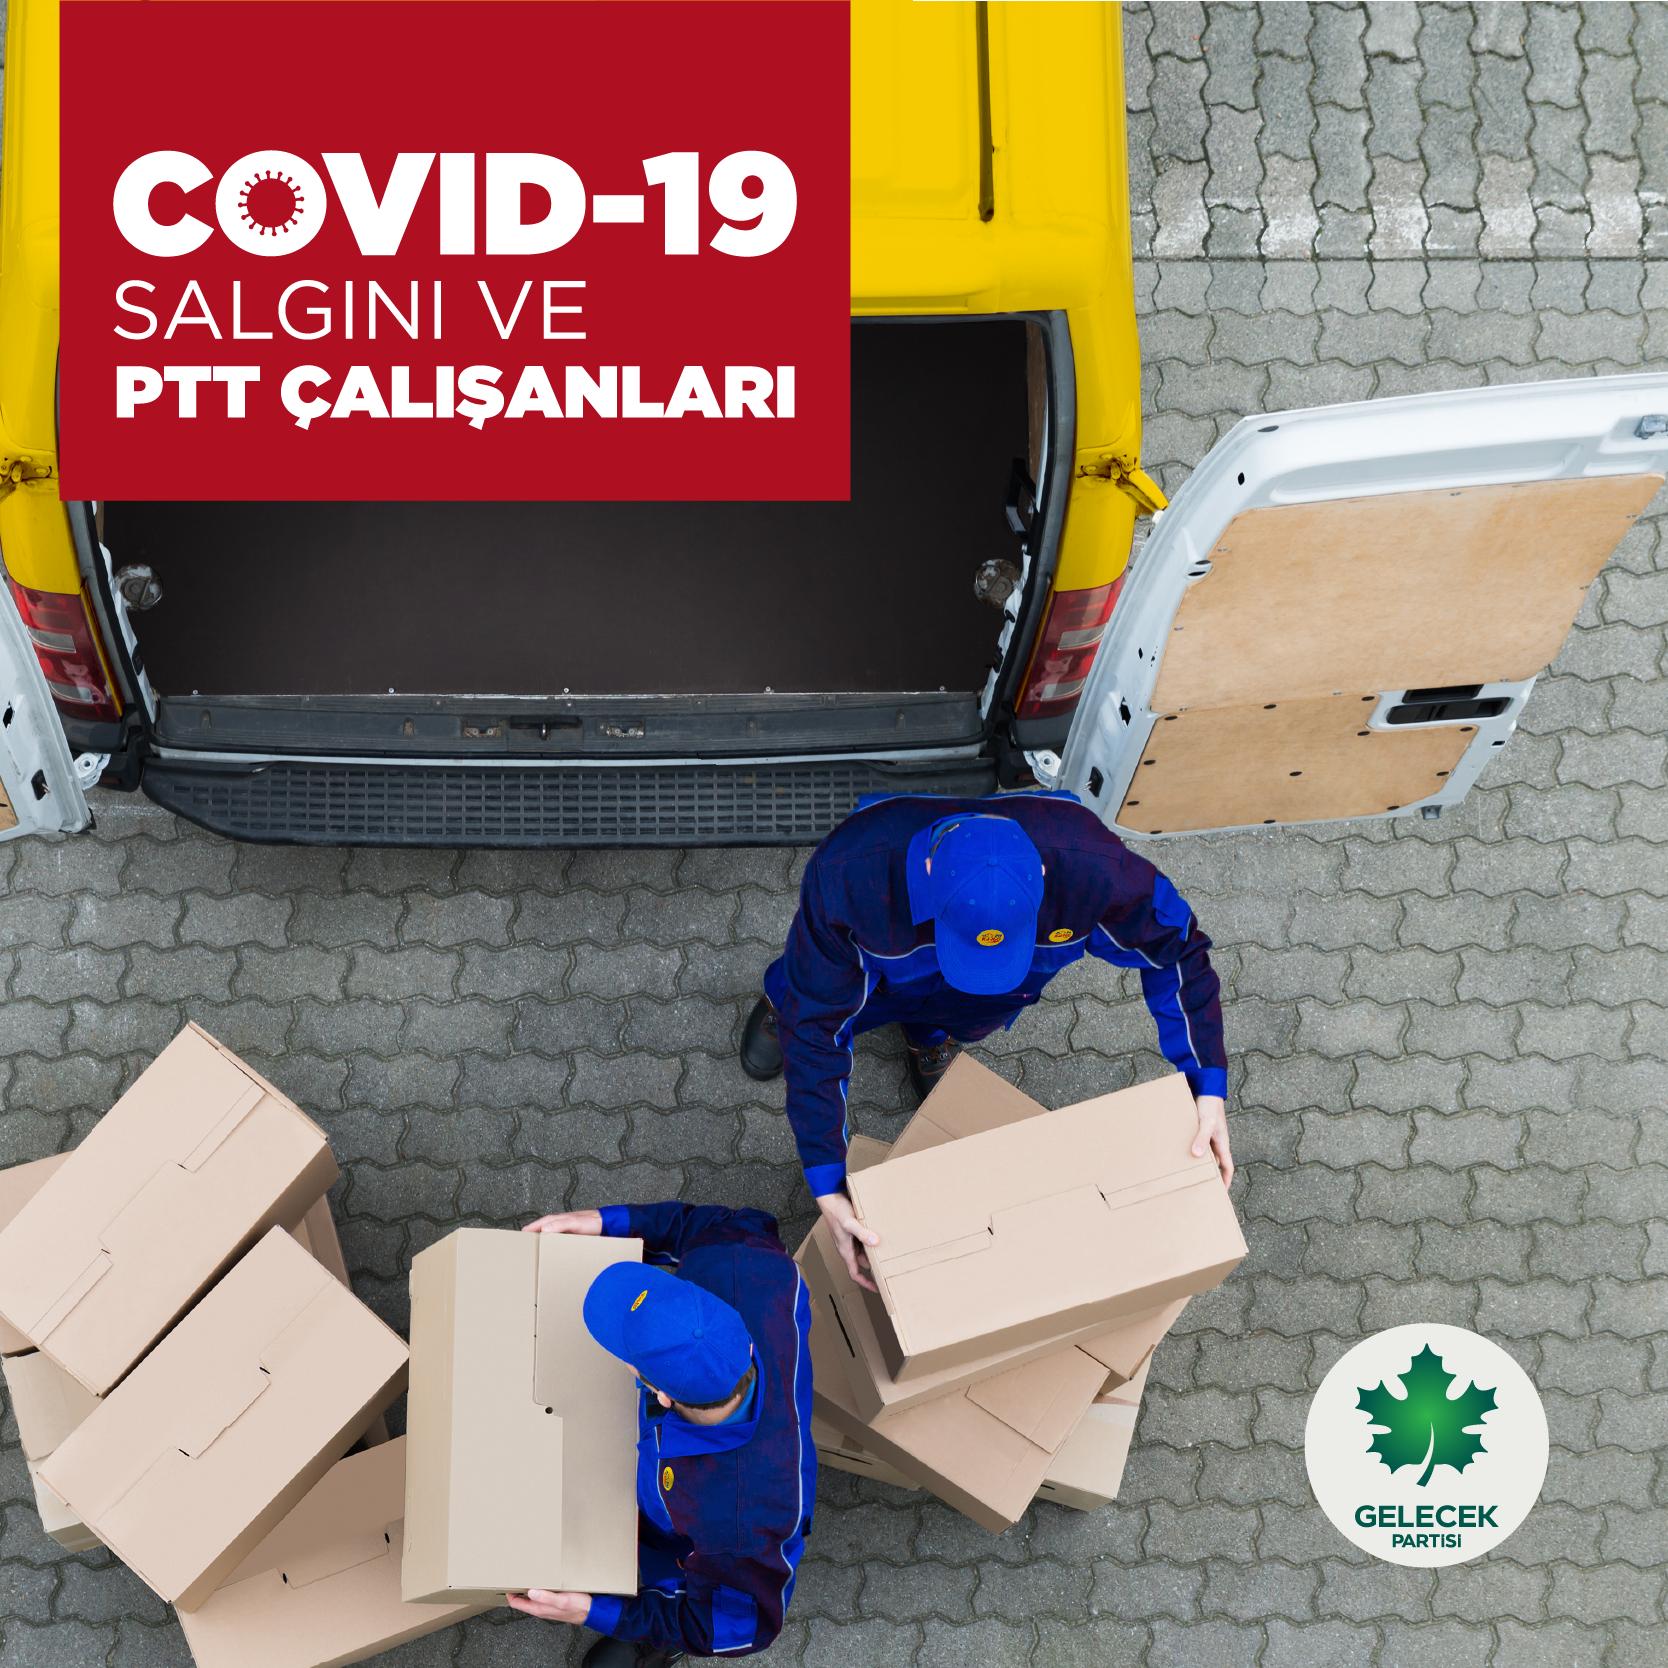 COVID-19 SALGINI VE PTT ÇALIŞANLARI